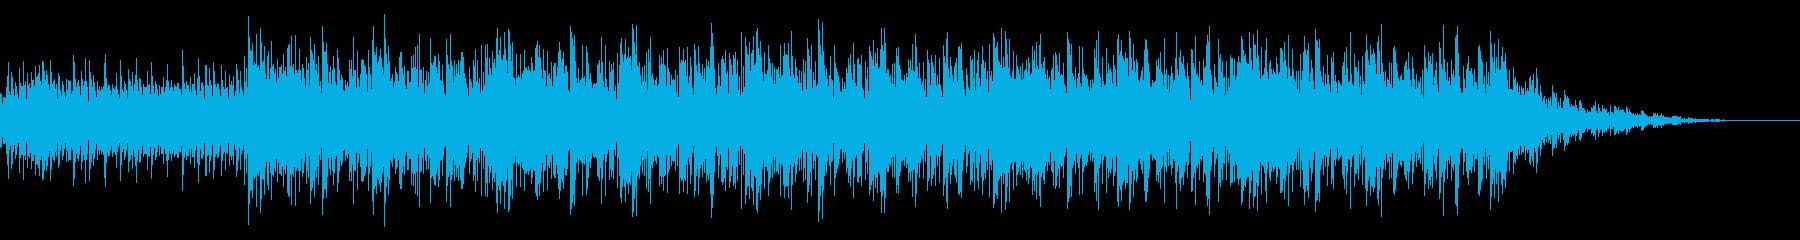 ピアノを使用した爽快感のあるインスト曲の再生済みの波形